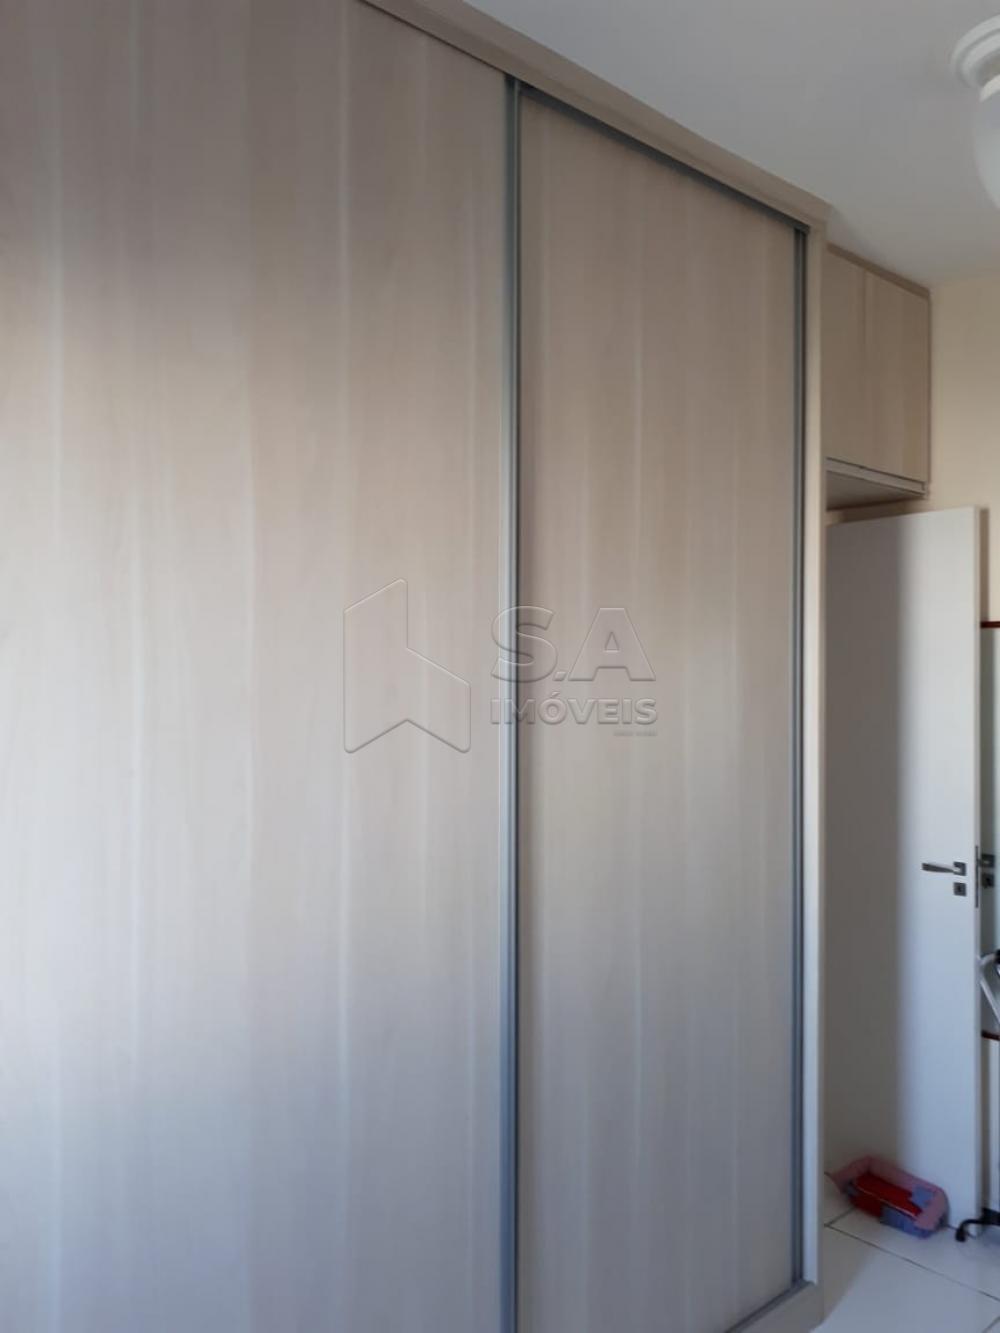 Comprar Apartamento / Padrão em Taubaté apenas R$ 260.000,00 - Foto 6